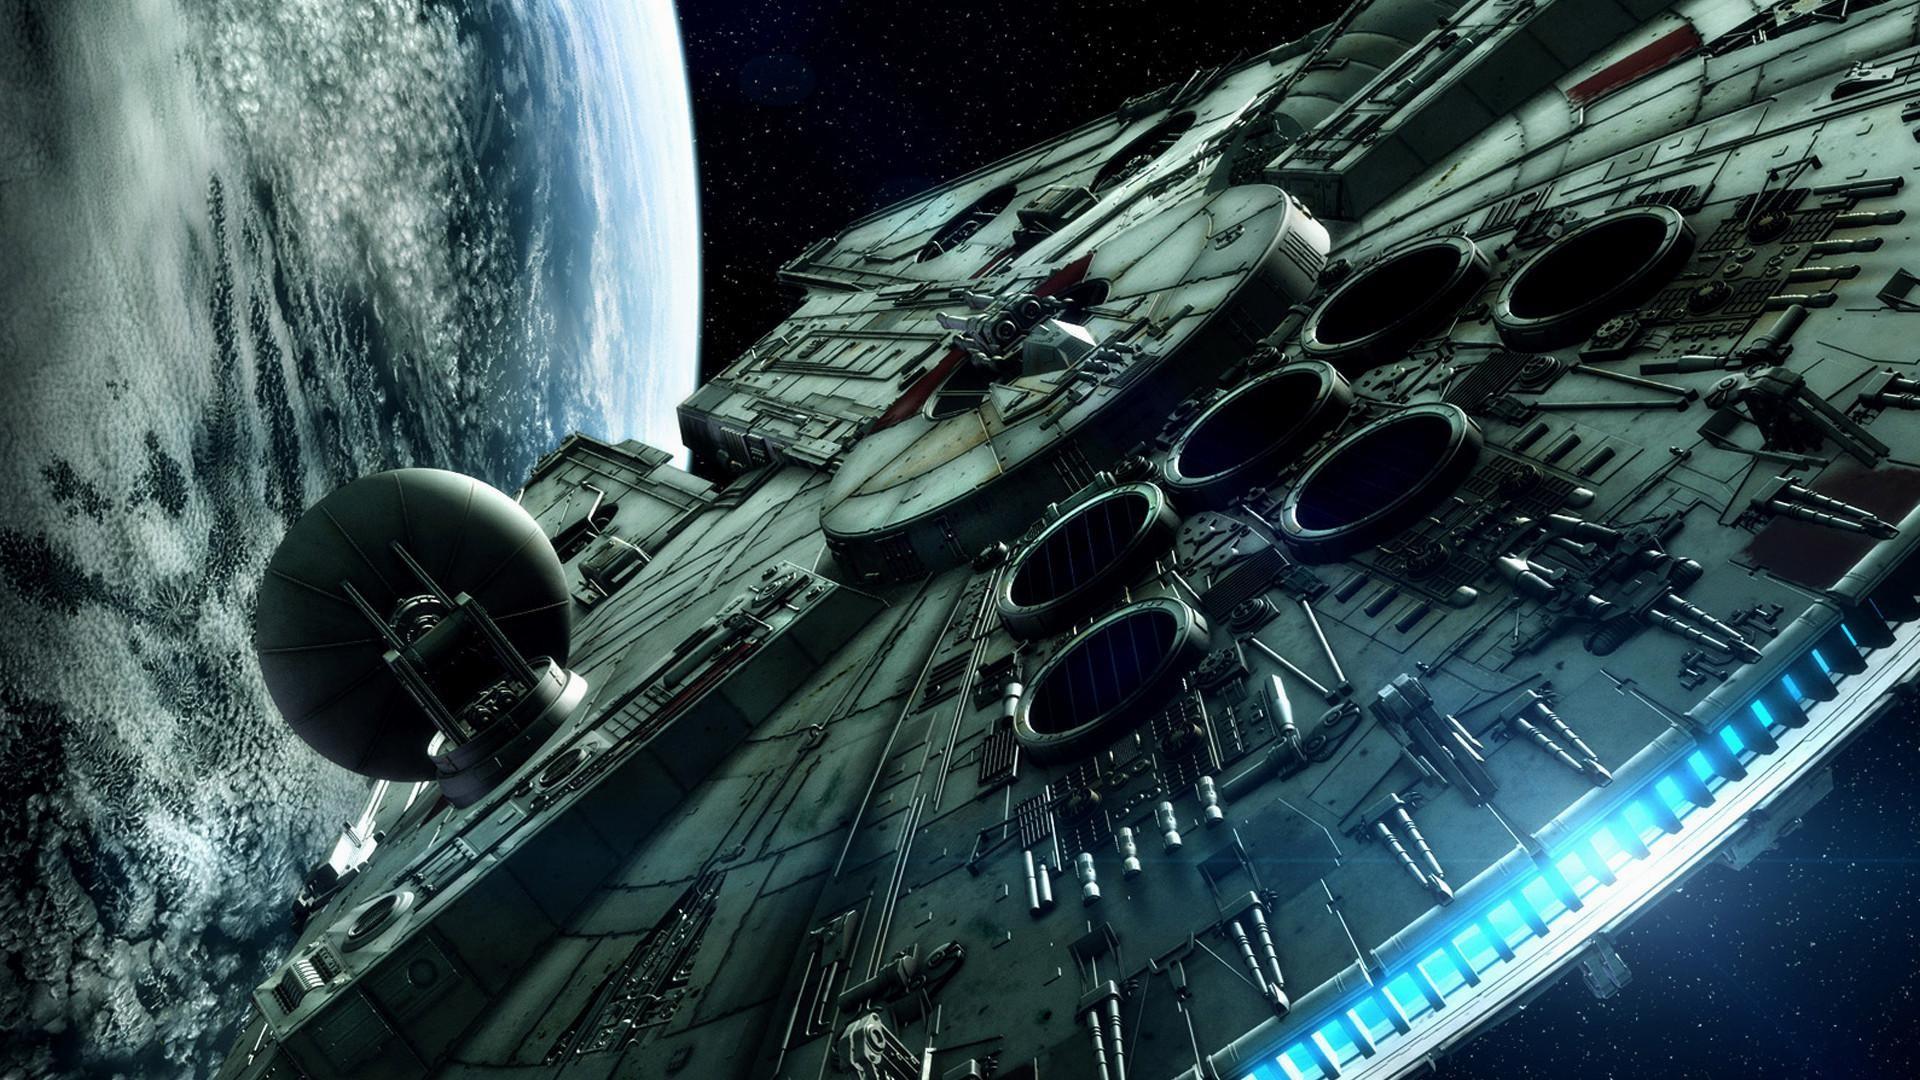 Star Wars Tablet Wallpaper (57+ images)